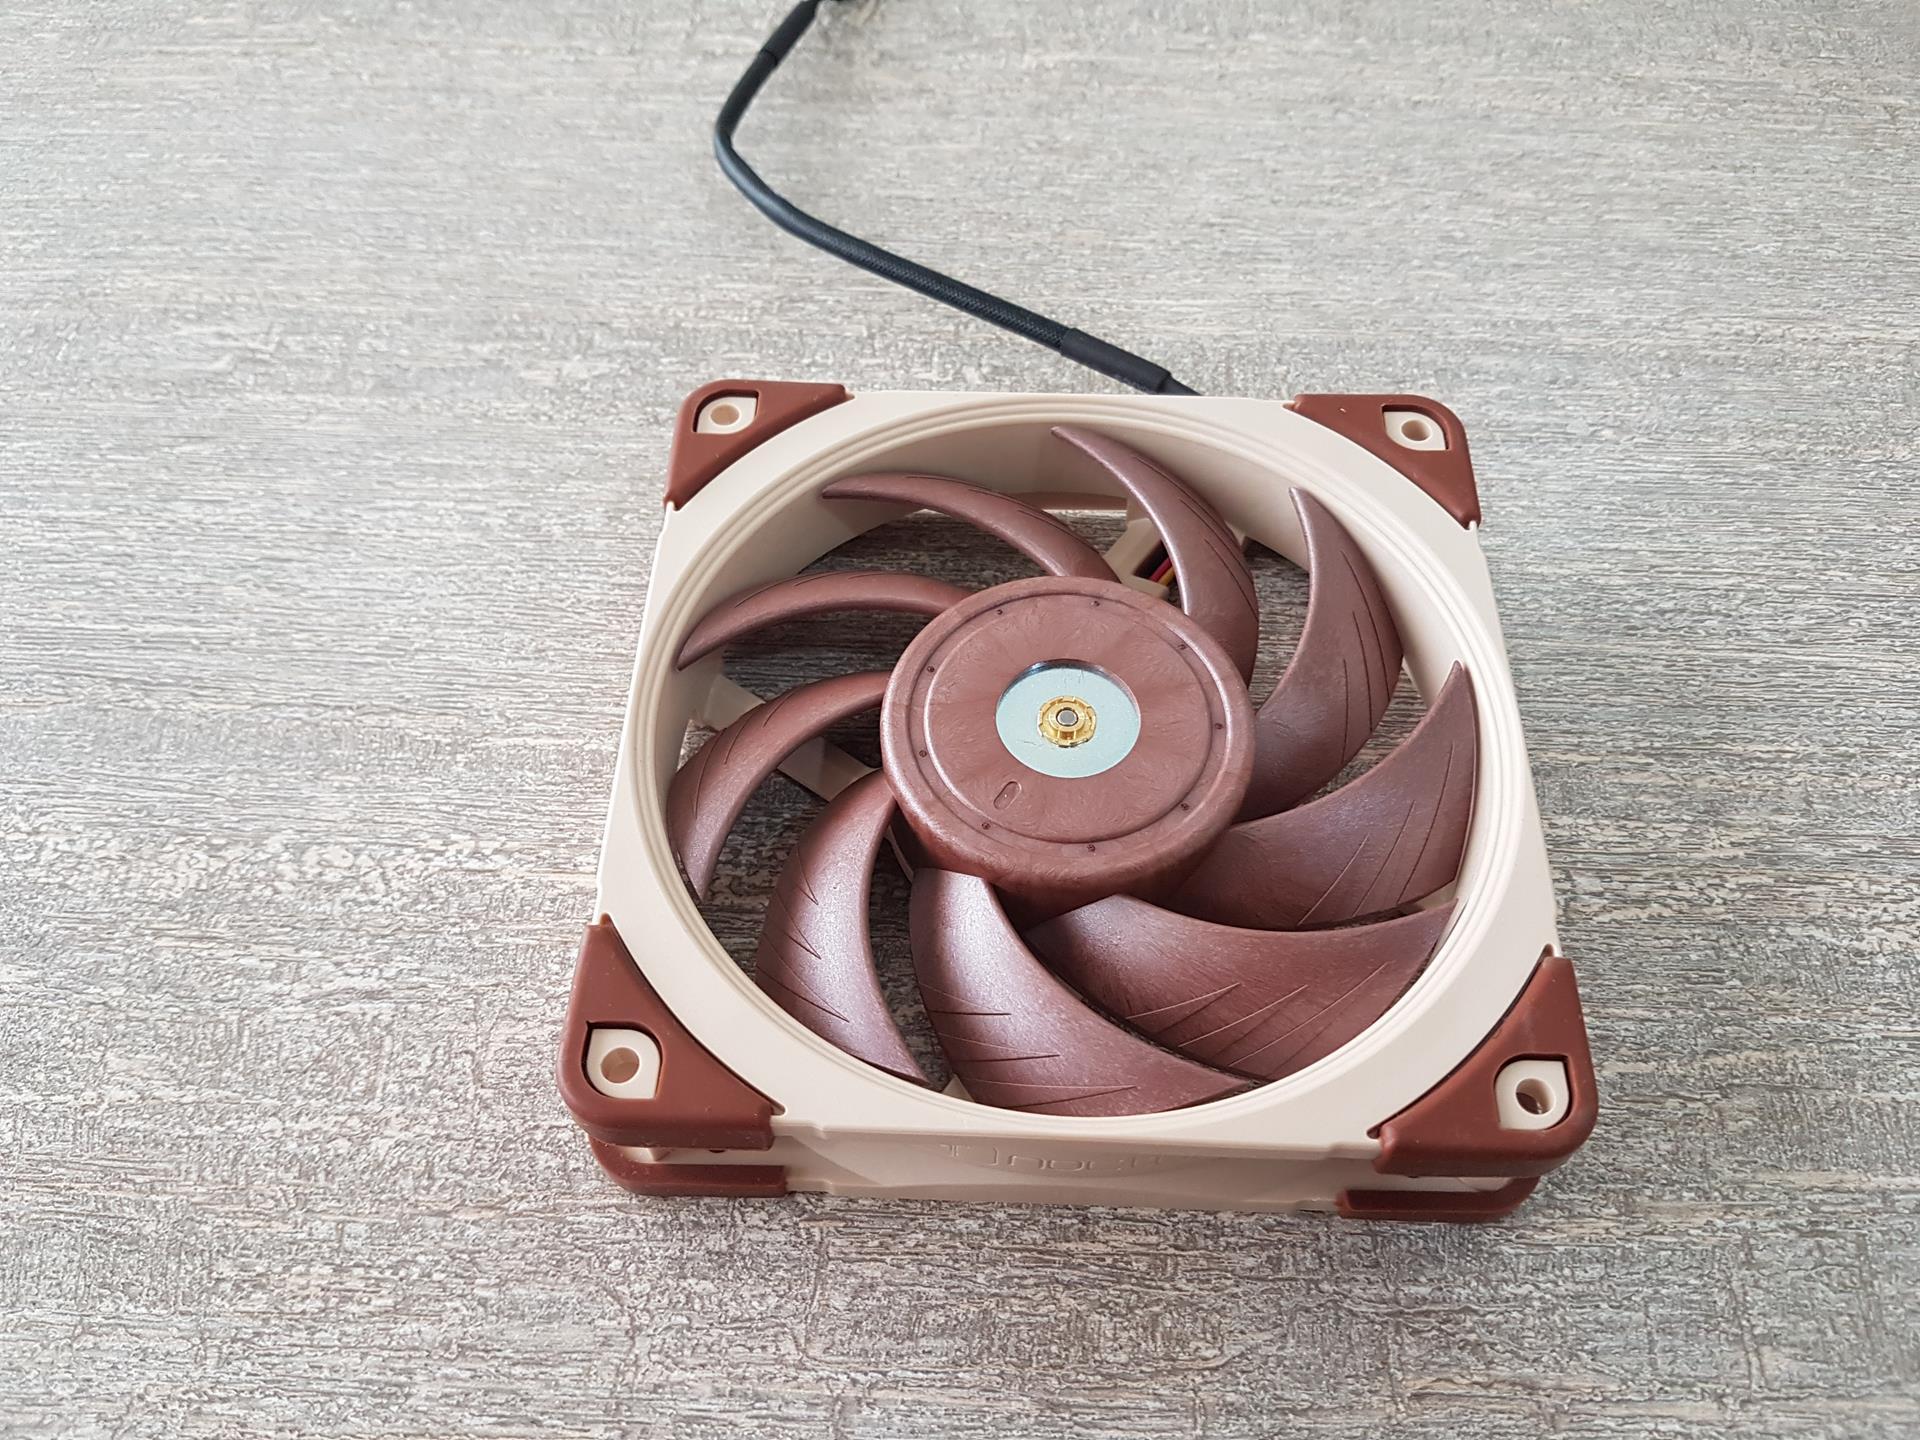 Reseña del ventilador Noctua NF-A12x25 FLX